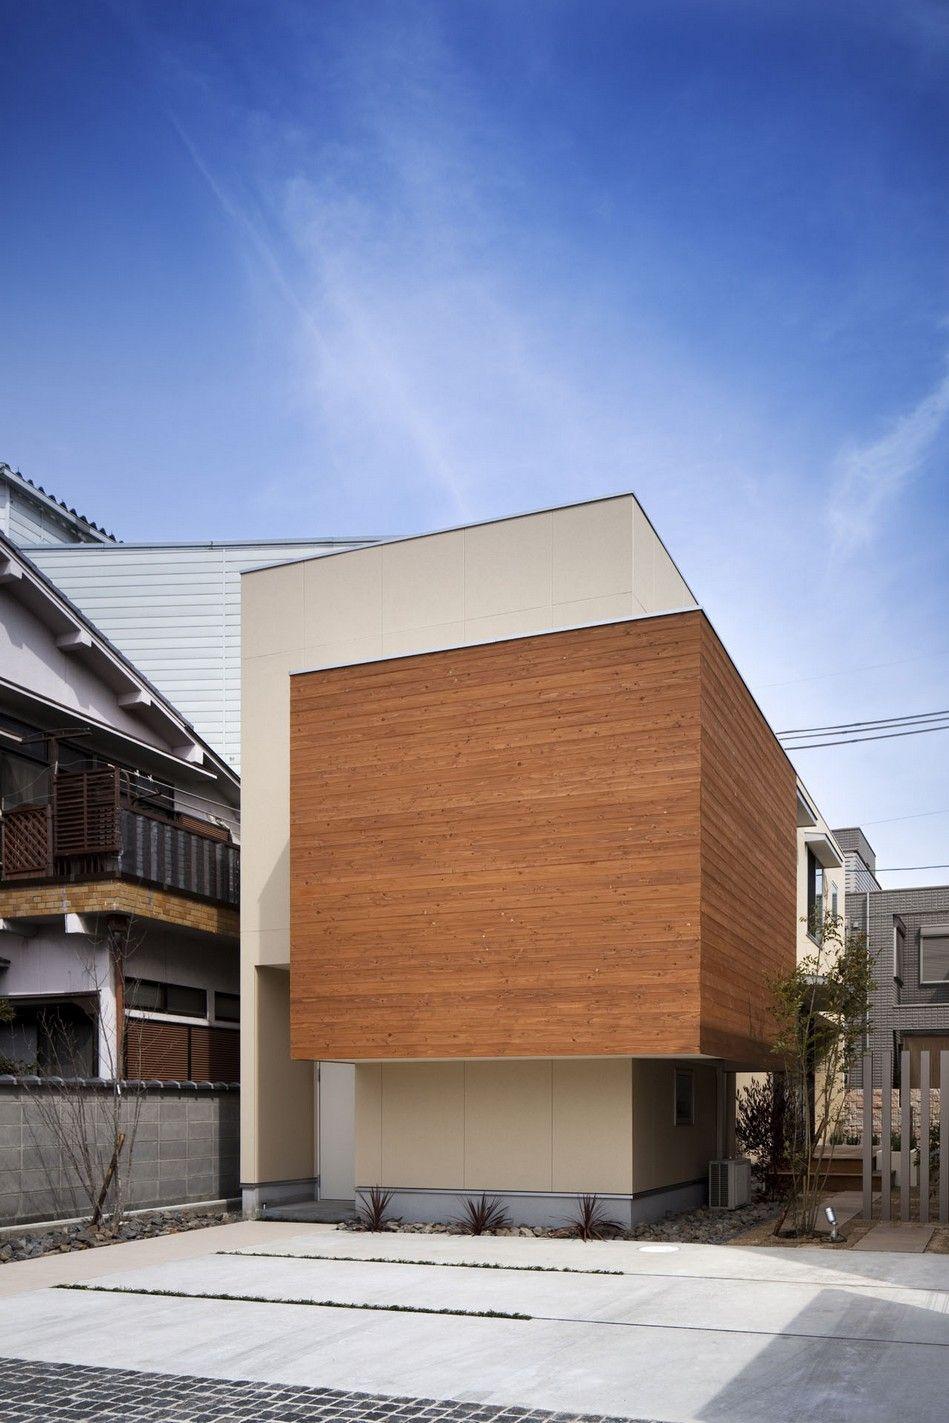 5 sinne japan architektur architektur design design architekt wohn architektur schmale haus moderne häuser kleine häuser äußere